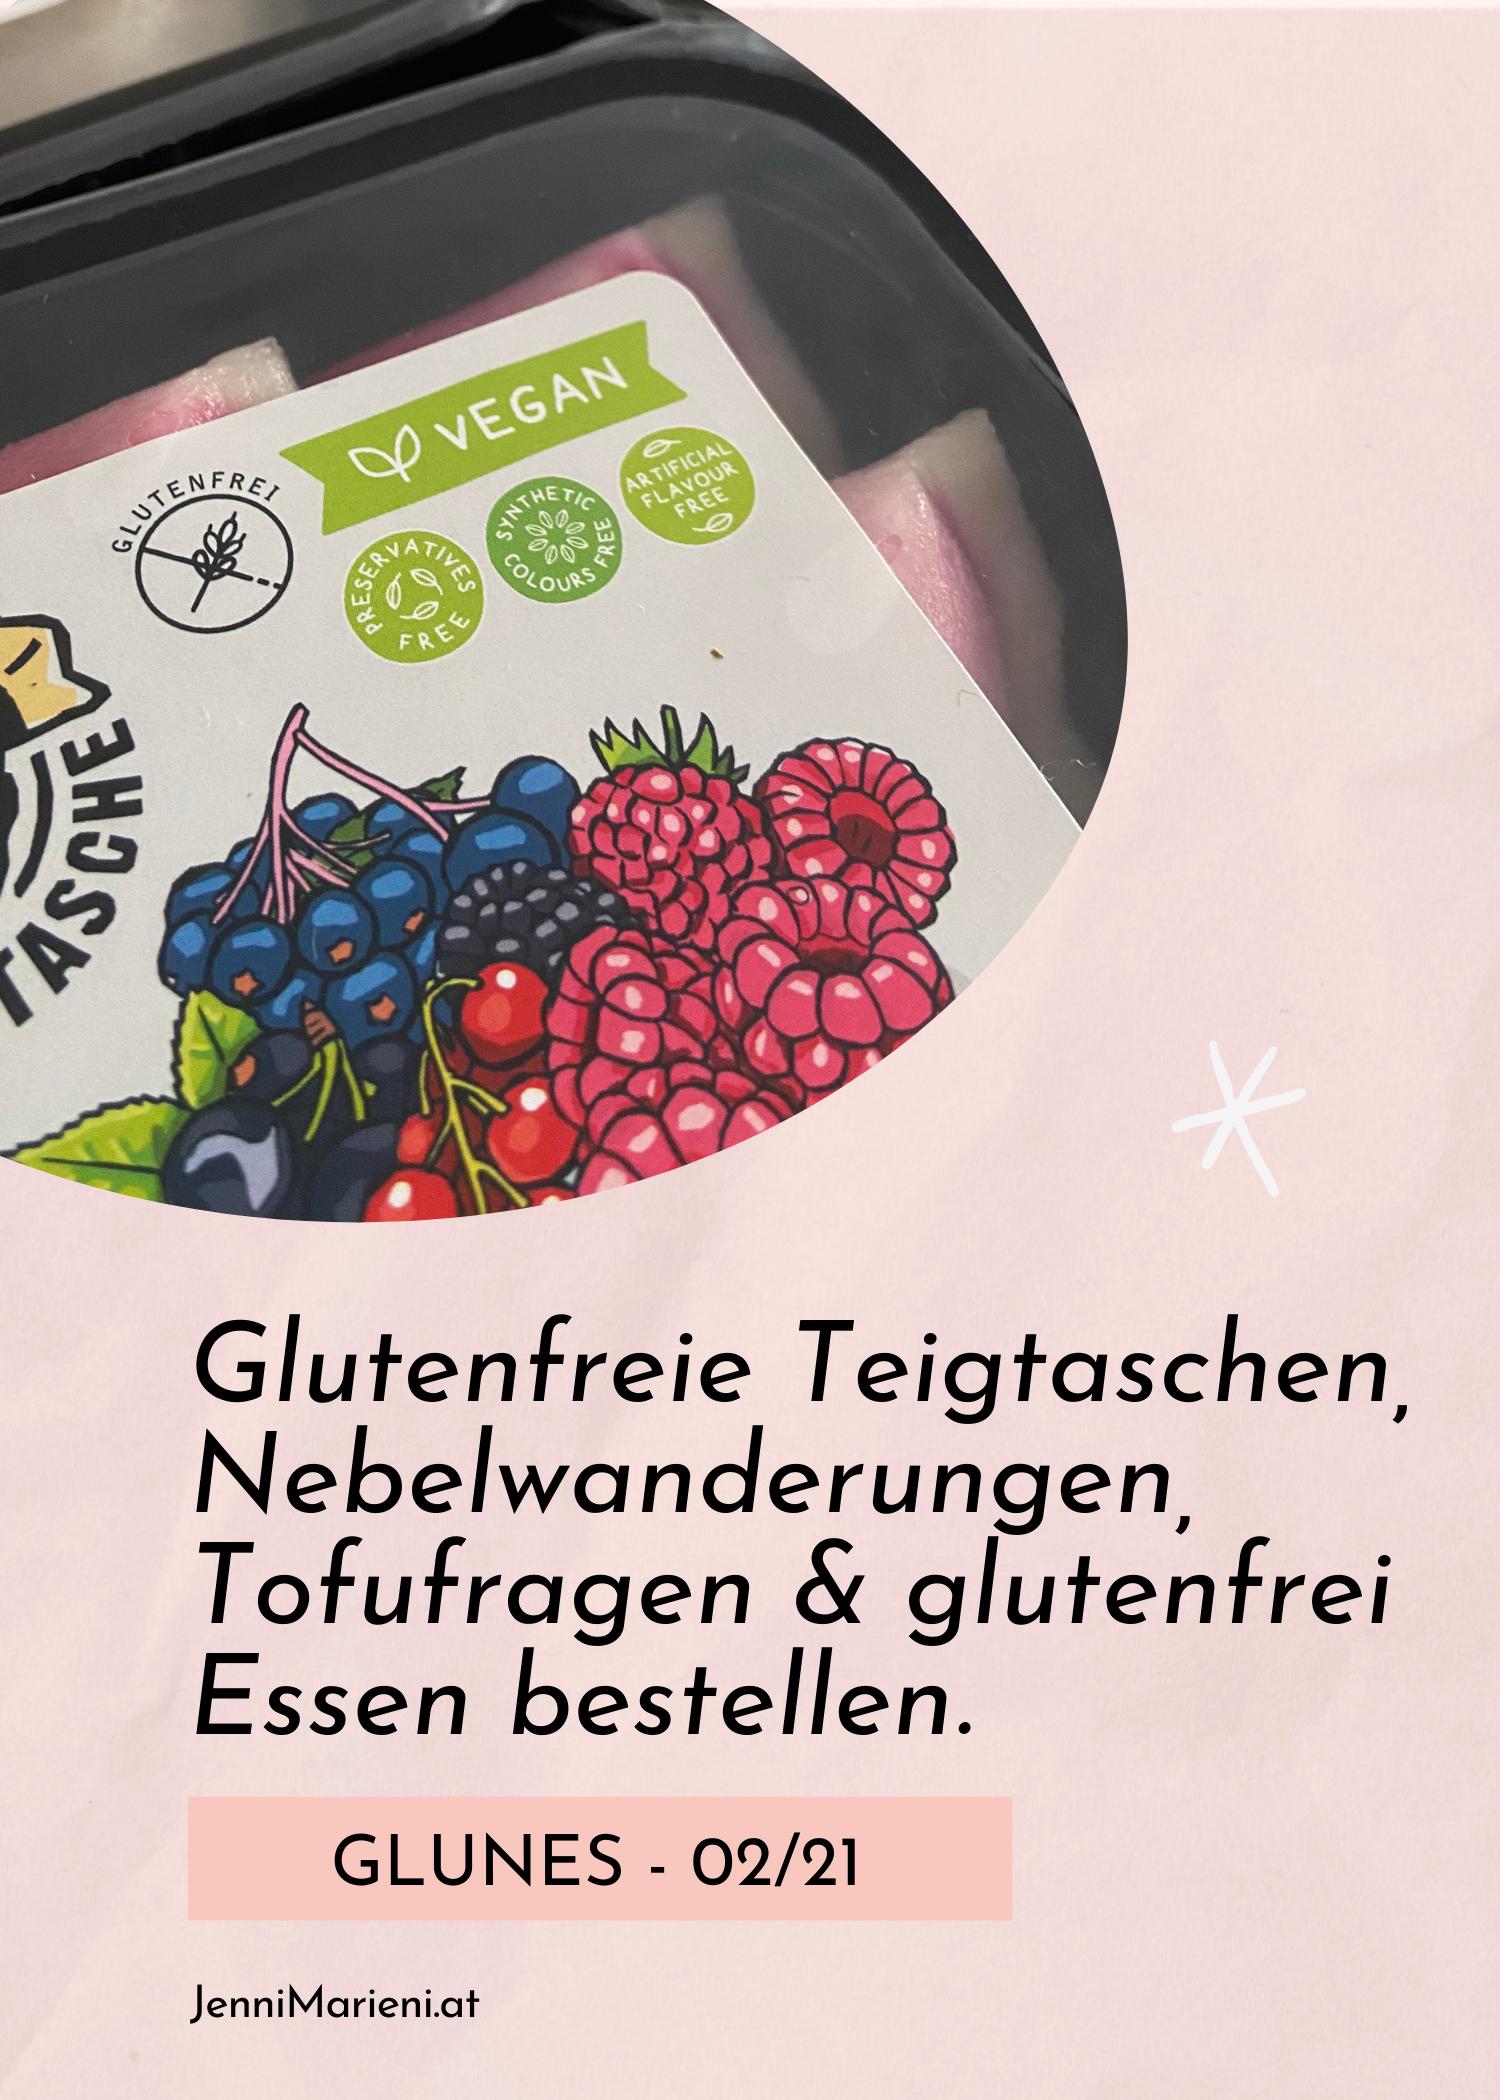 GLUNES: Februar 2021 – Glutenfreie Teigtaschen, Nebelwanderungen, Tofufragen & glutenfrei Essen bestellen.